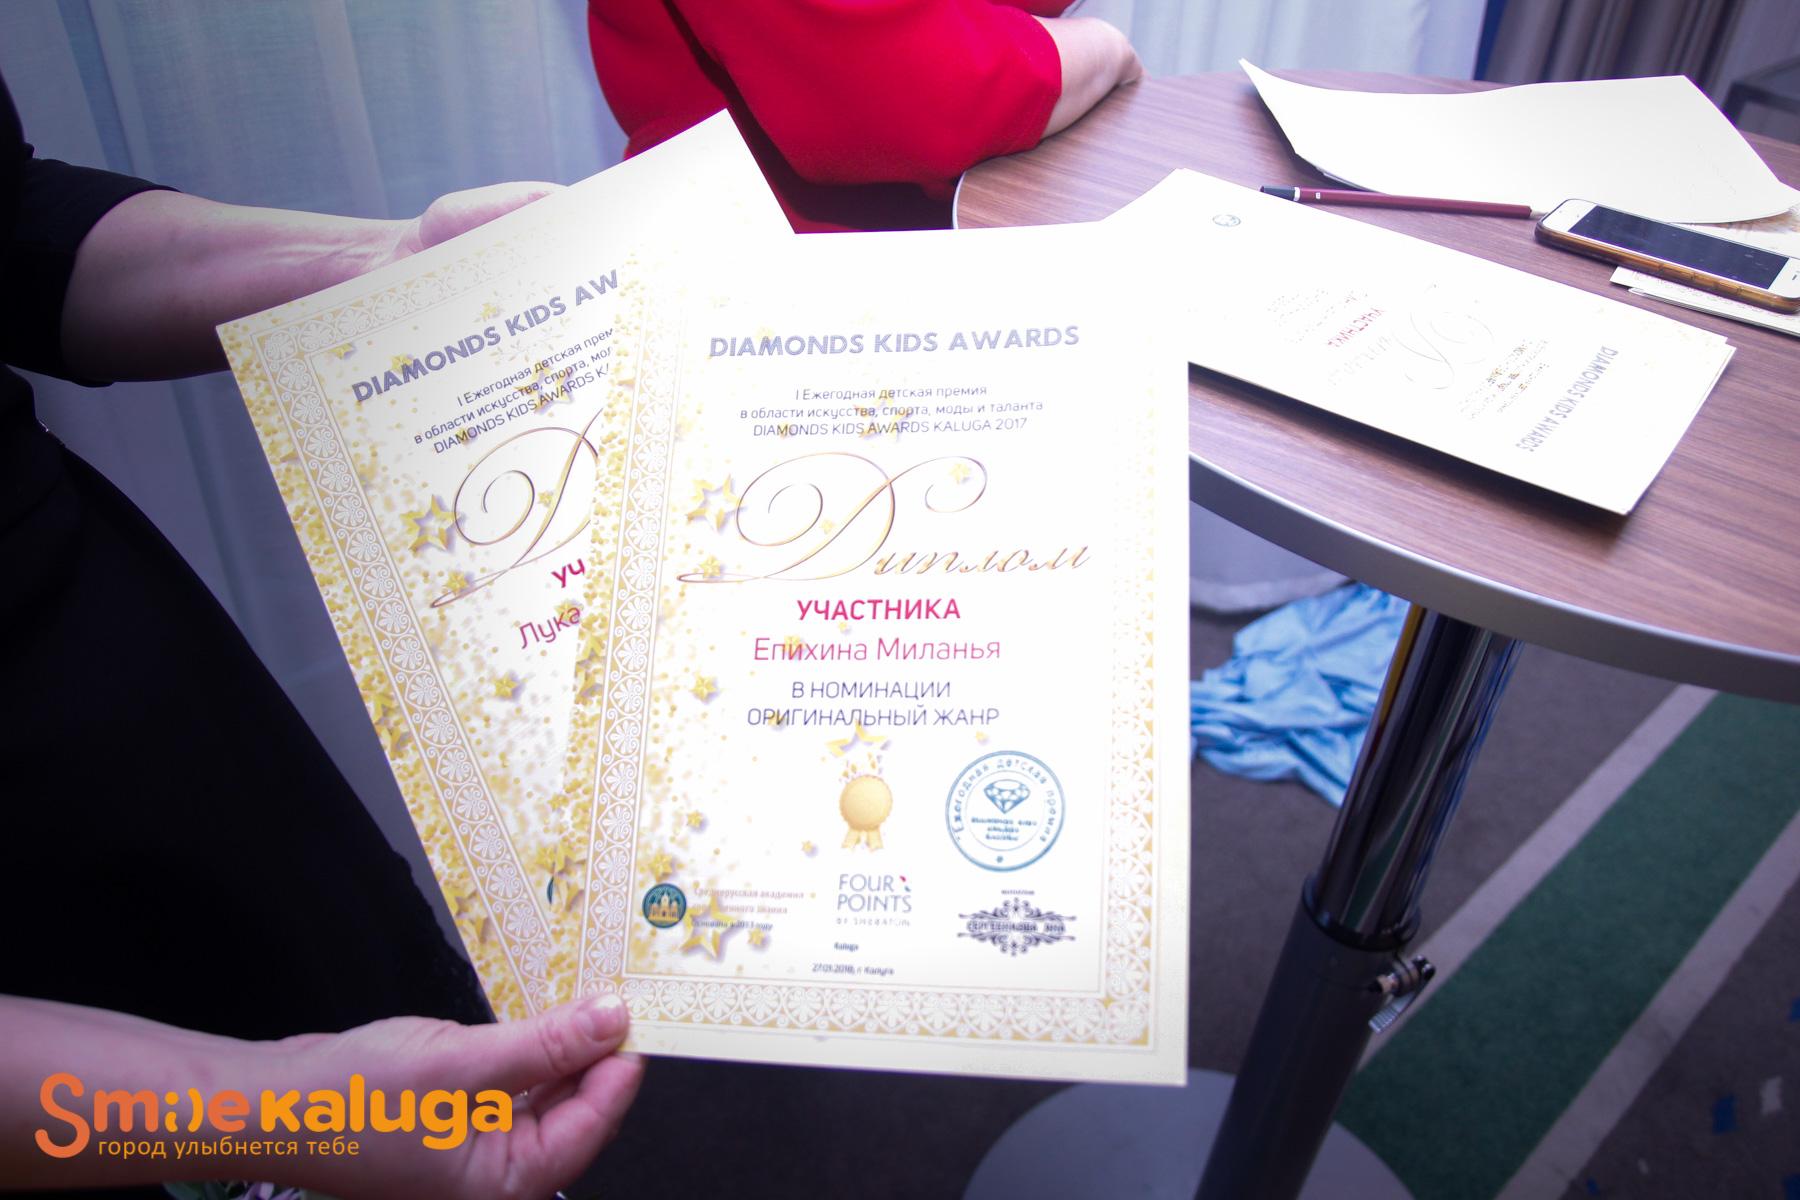 В Калуге впервые прошла ежегодная детская премия «Diamond kids awards»